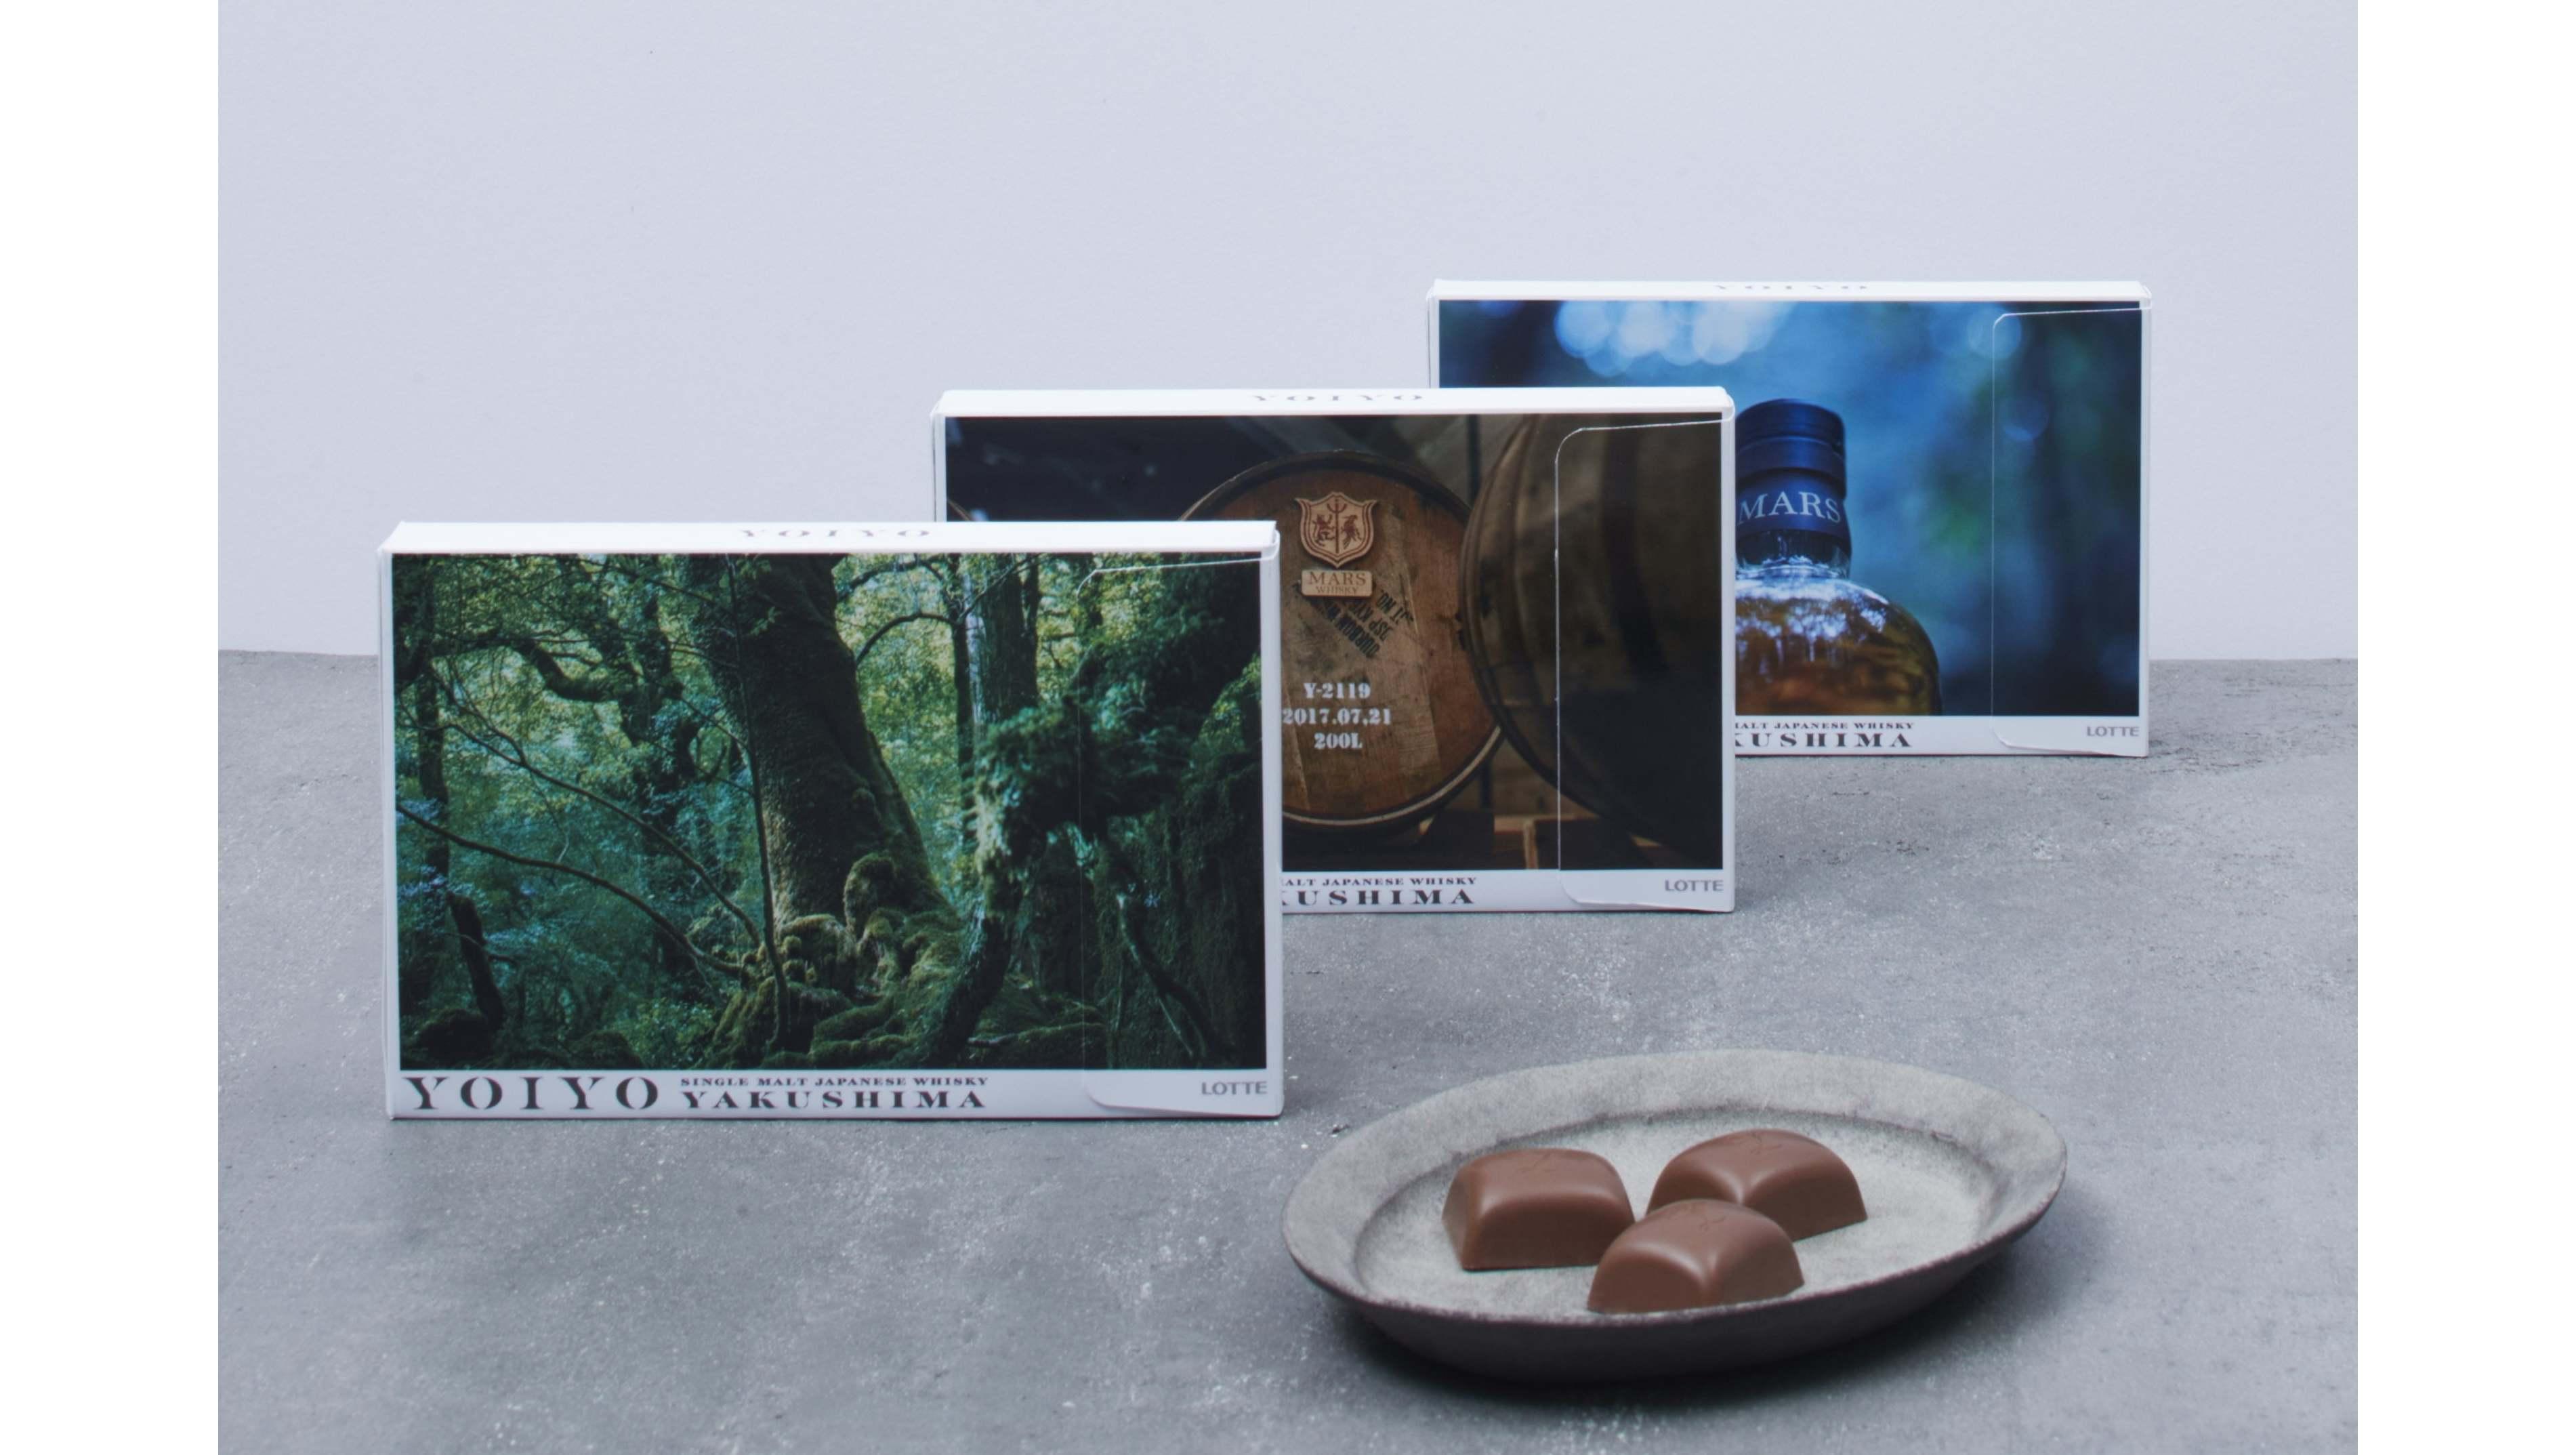 クラフト酒チョコレート「YOIYO」8